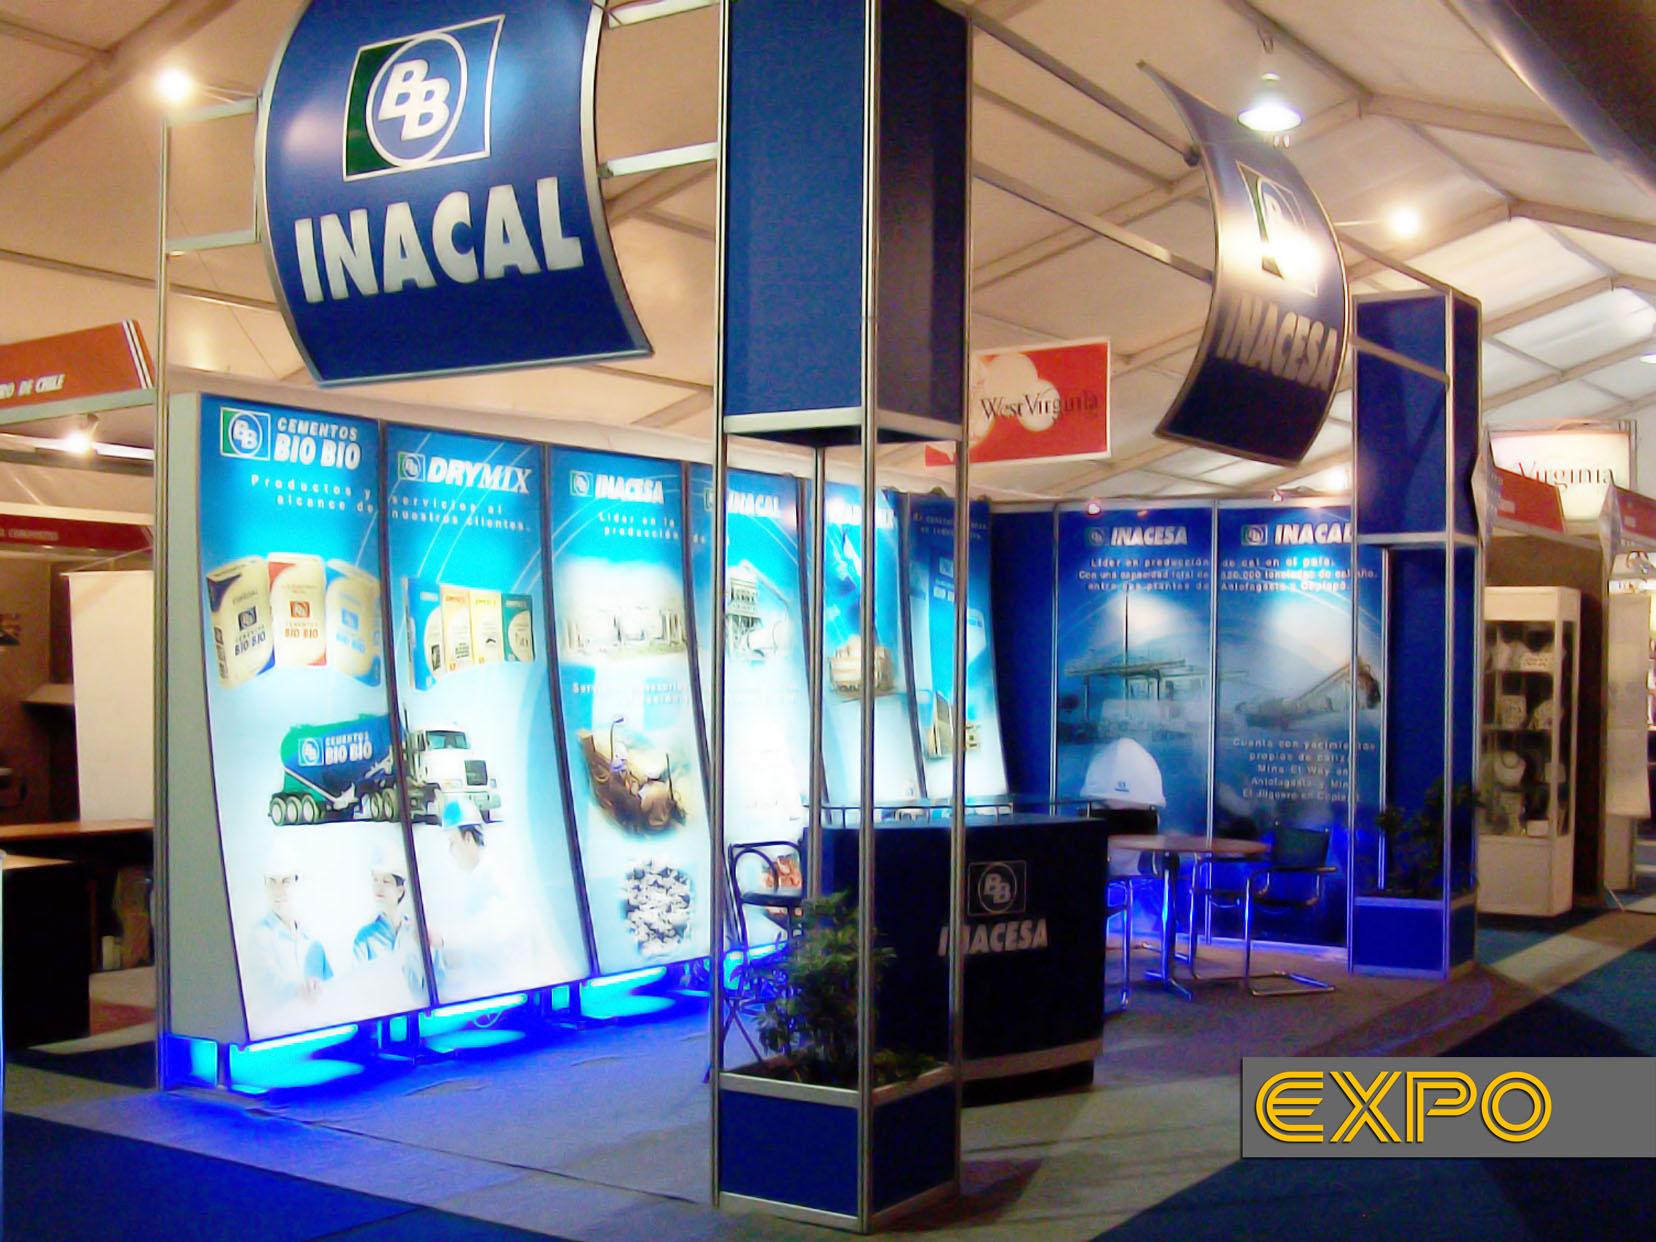 Cementos Bio Bio - Expomin 2006